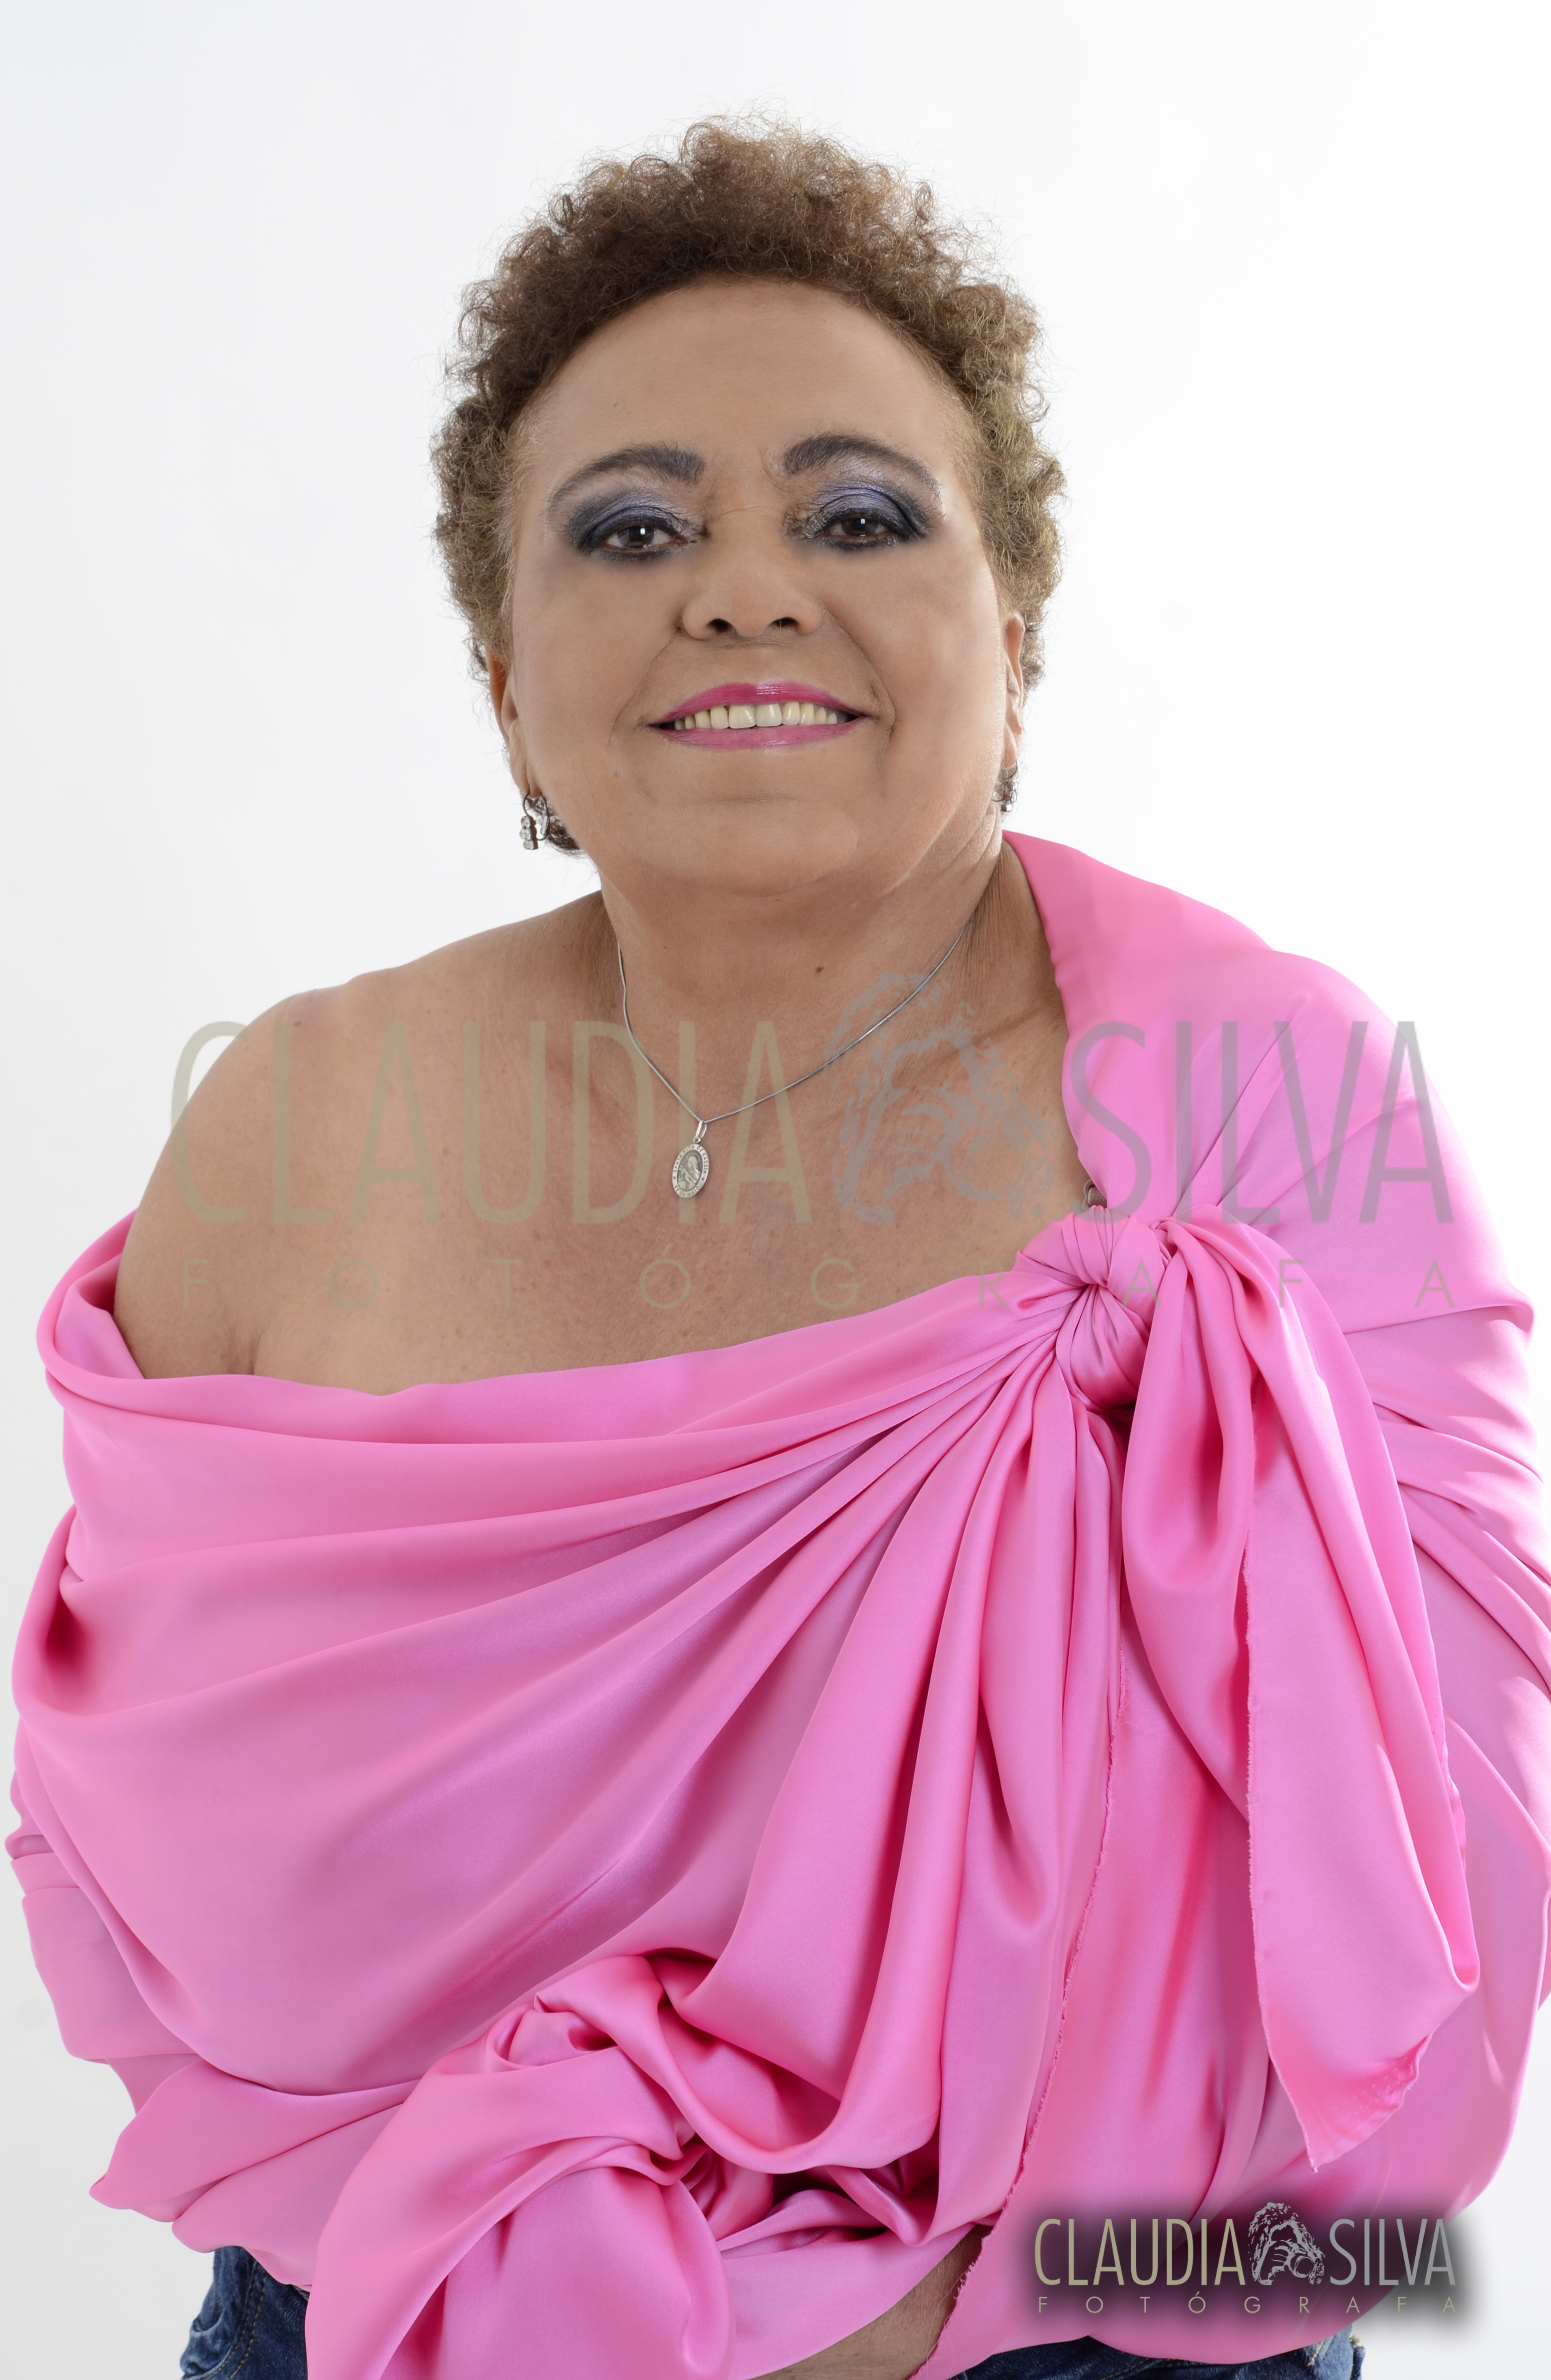 Maria da Conceição